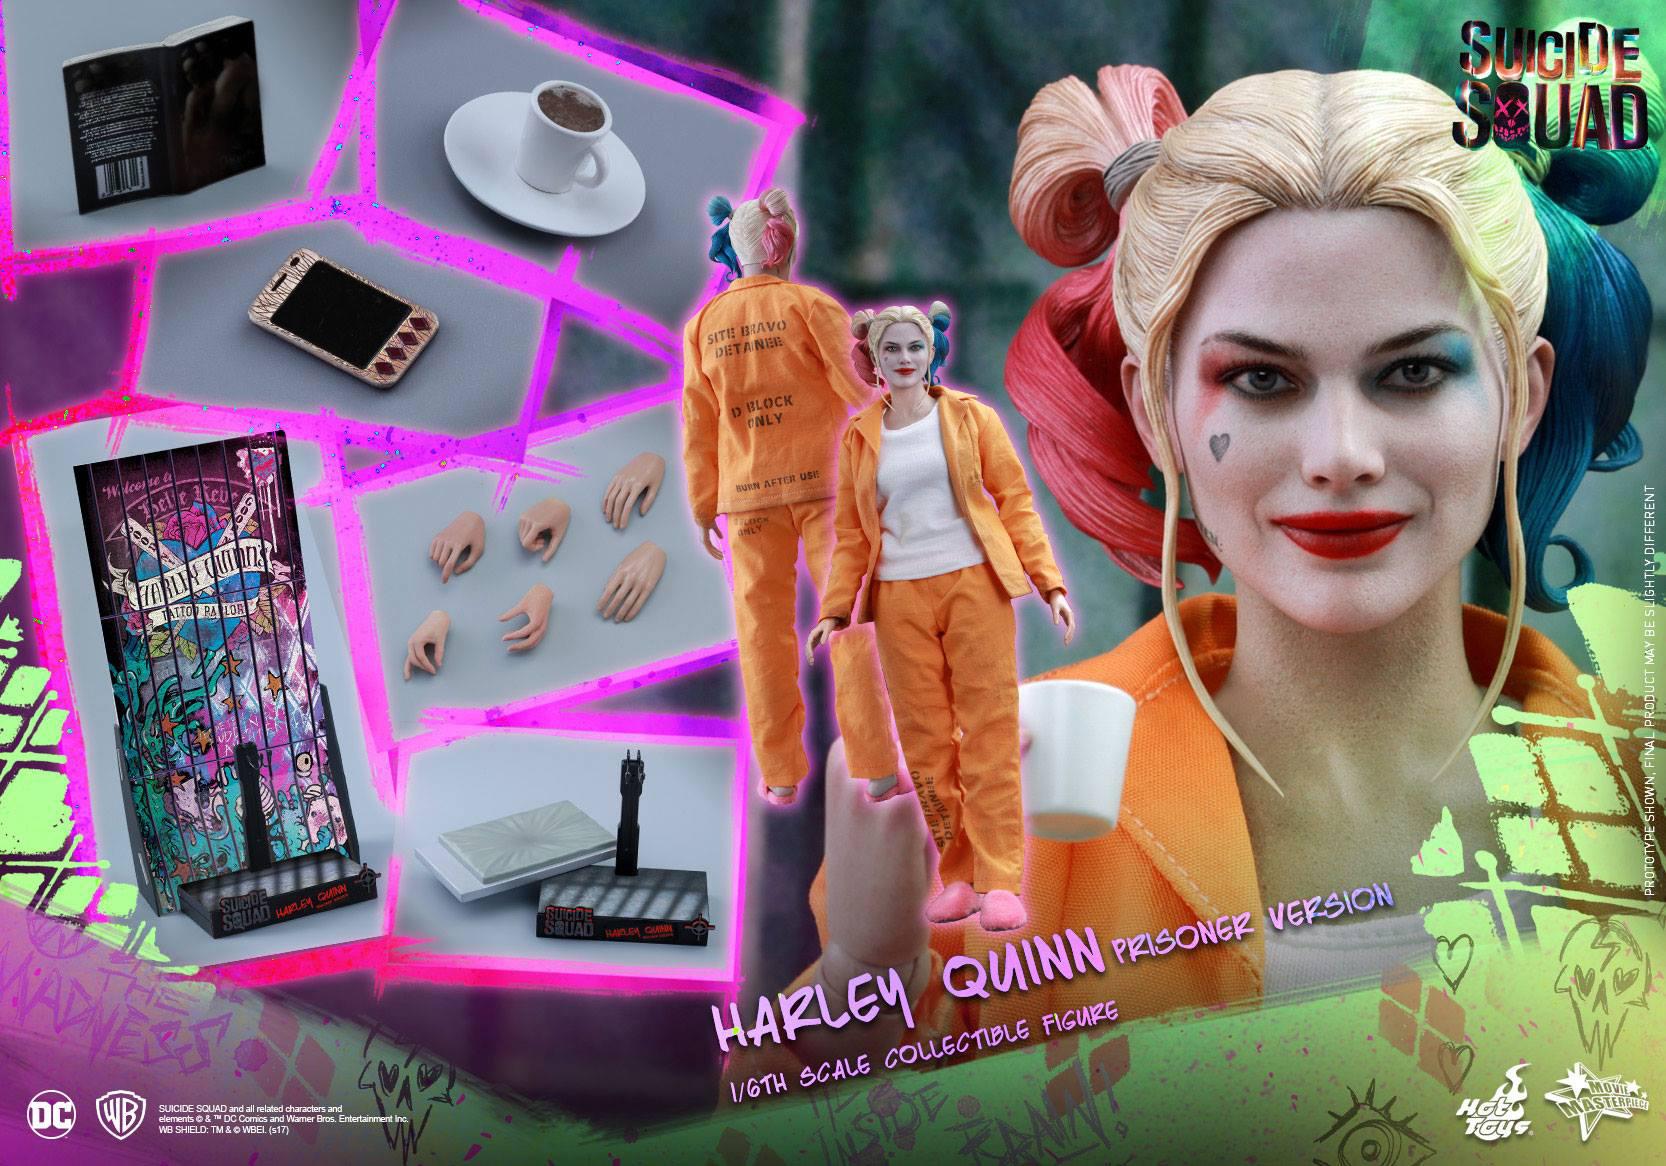 hot-toys-suicide-squad-harley-quinn-prisoner-figure-1